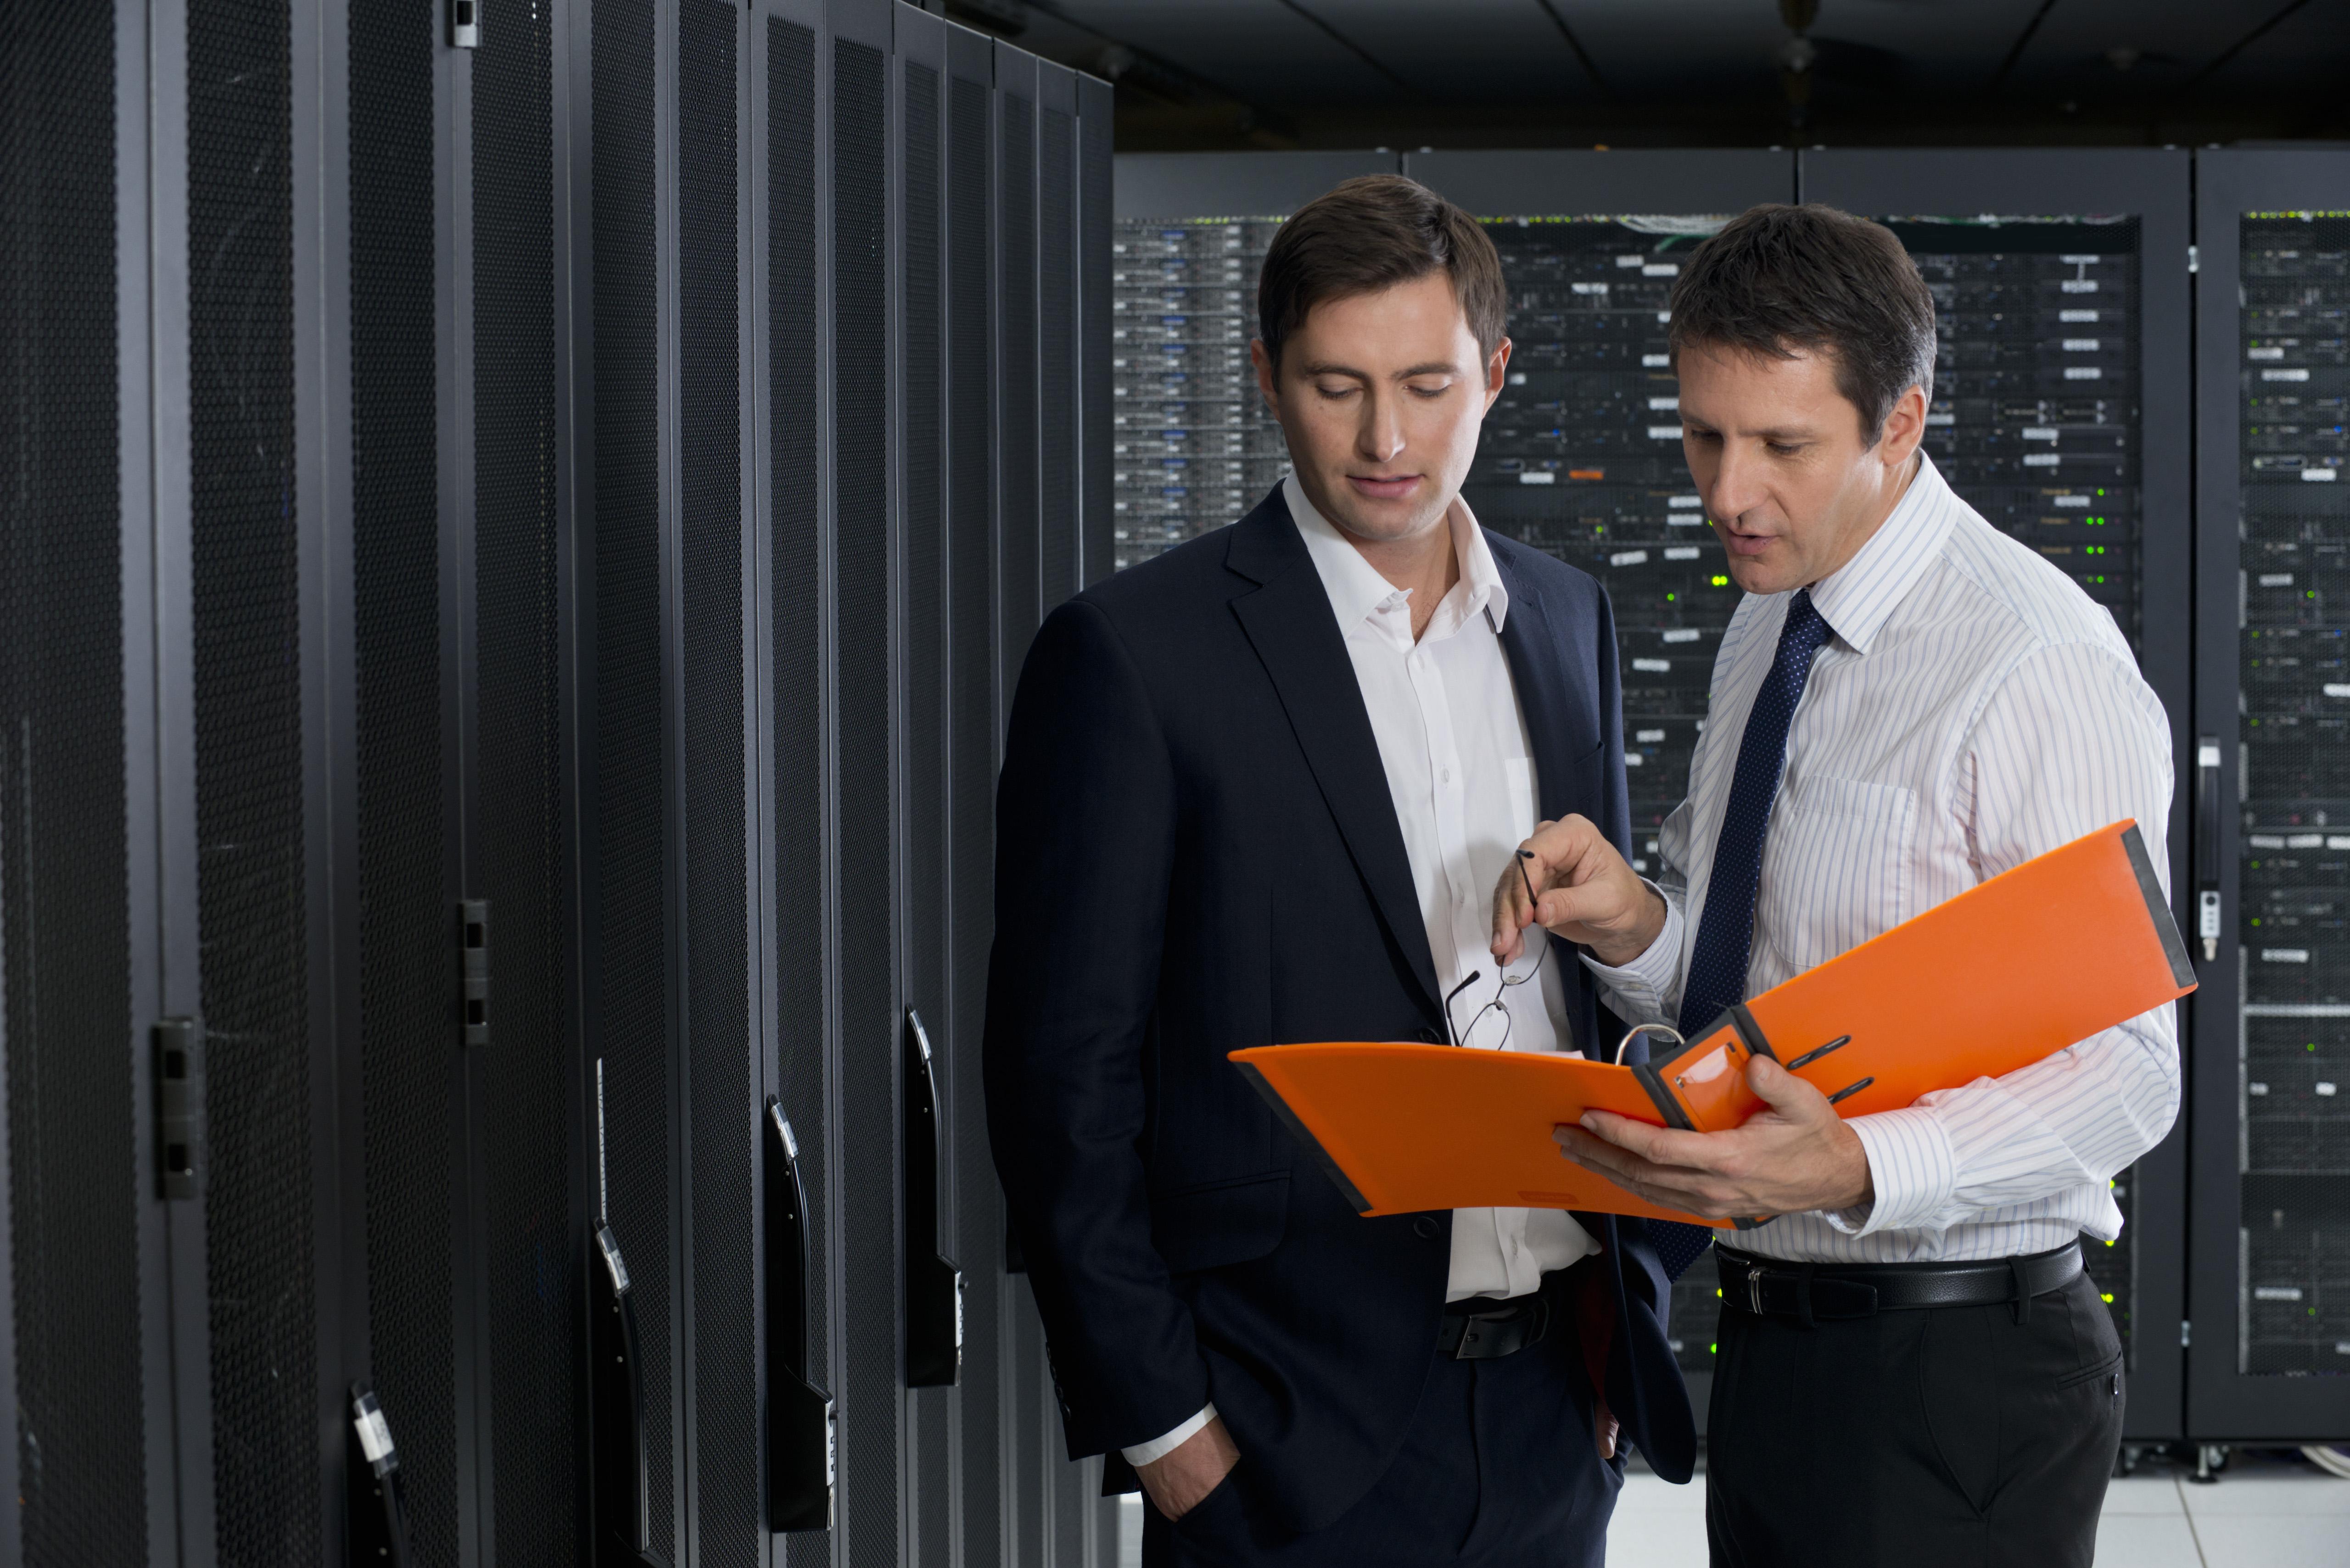 Businessmen in iomart data centre